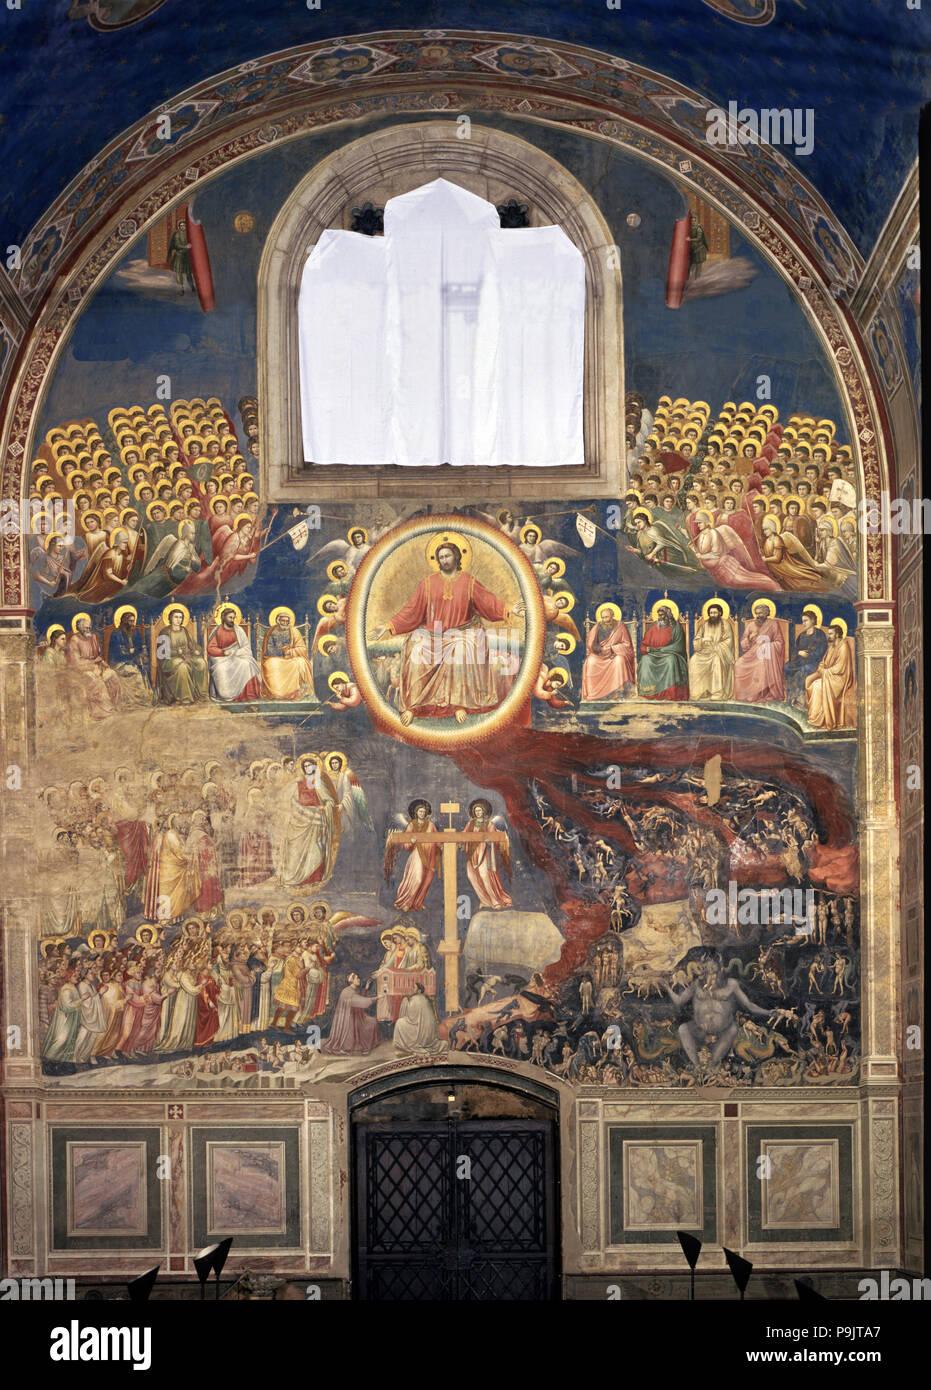 Le Jugement Dernier Fresque De Giotto : jugement, dernier, fresque, giotto, Jugement, Dernier',, 1305-1306, Fresque, Giotto, Photo, Stock, Alamy